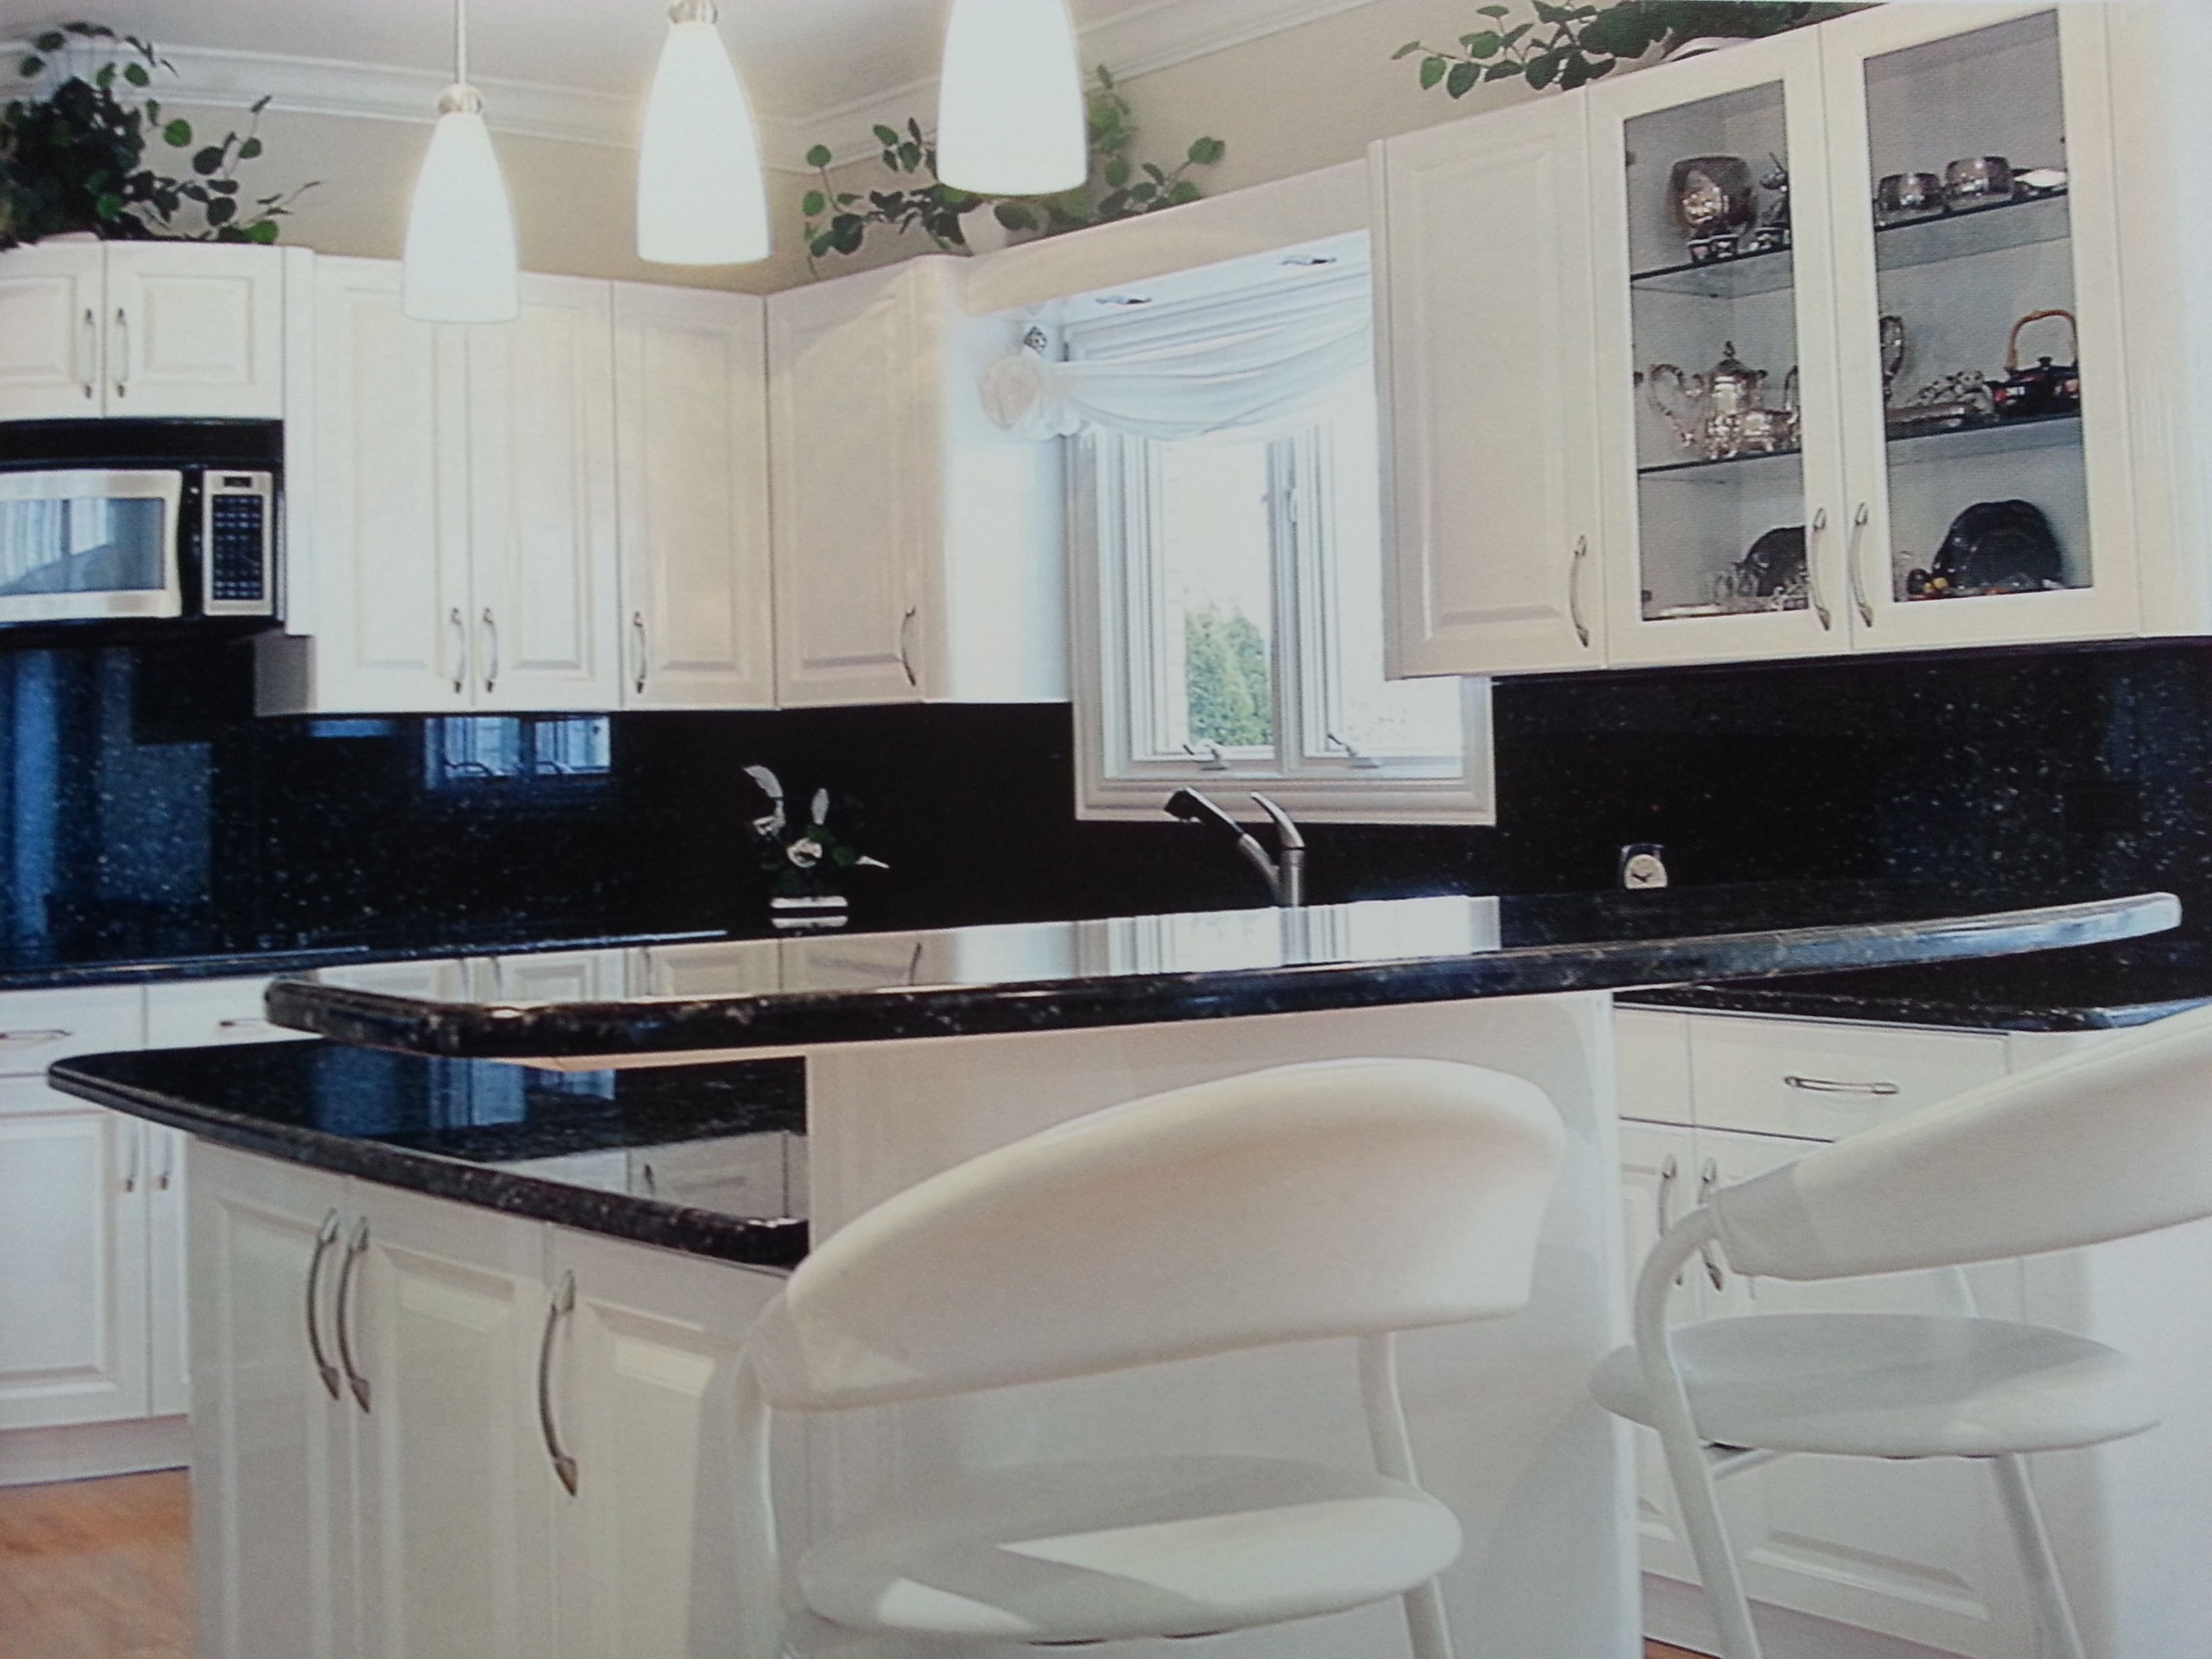 Cocina en laca blanca mate y encimera en granito negro - Cocina blanca mate ...